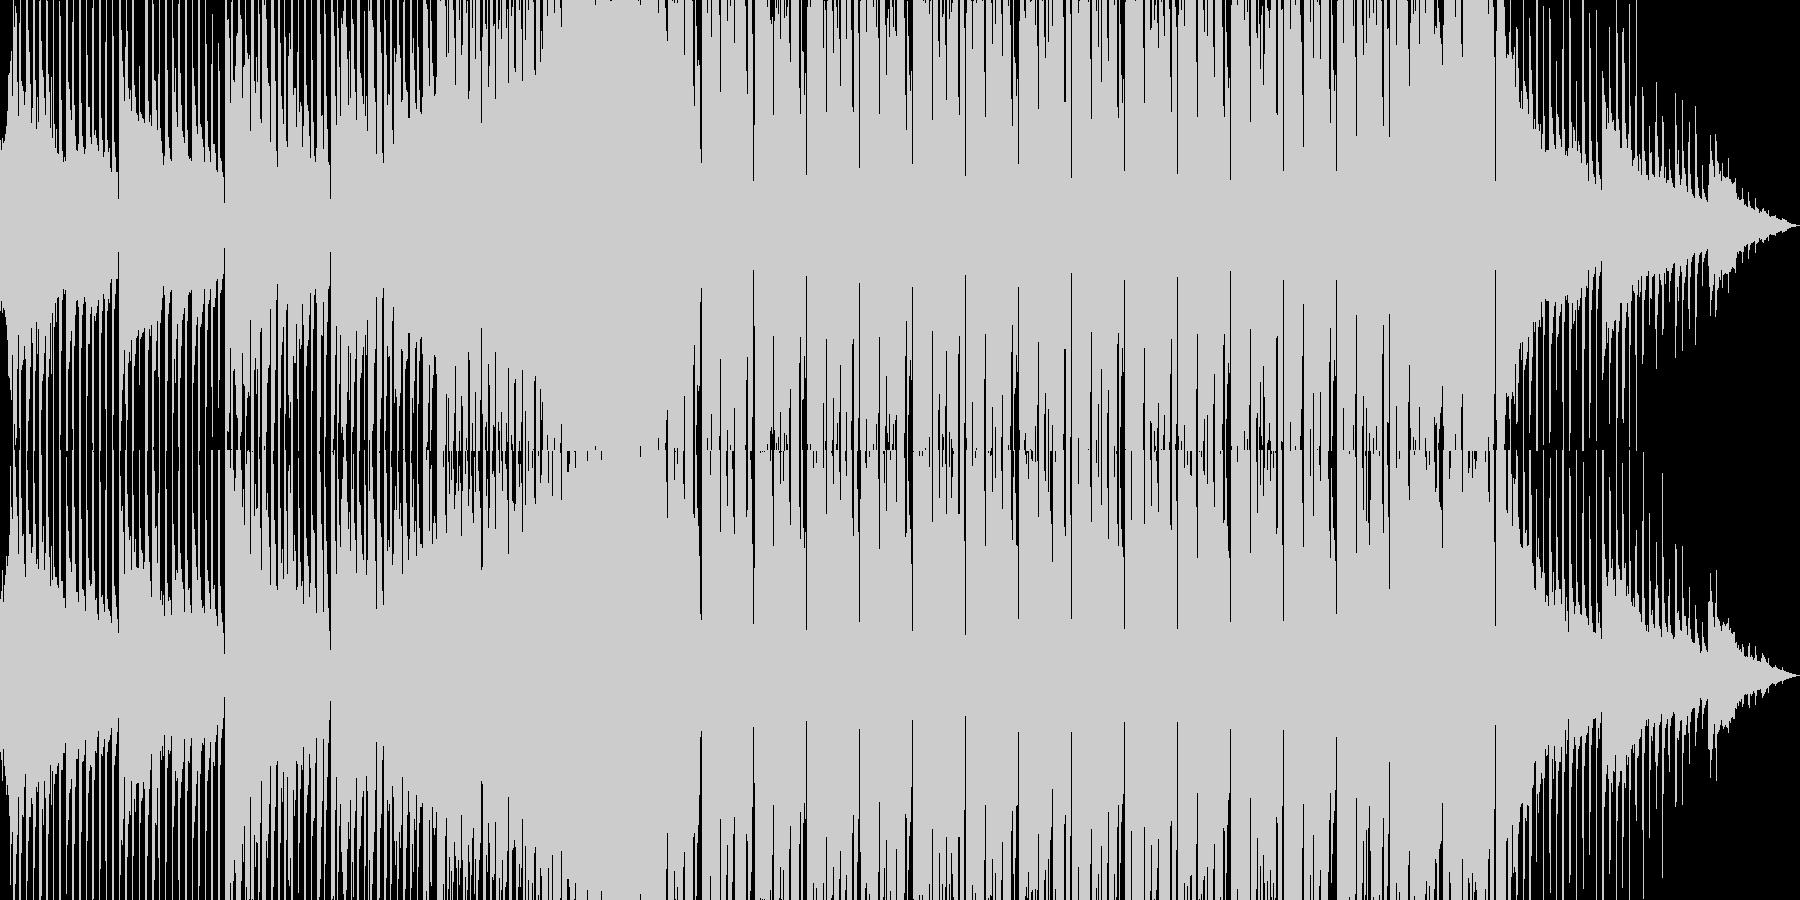 エレクトロポップな可愛いダンスBGMの未再生の波形